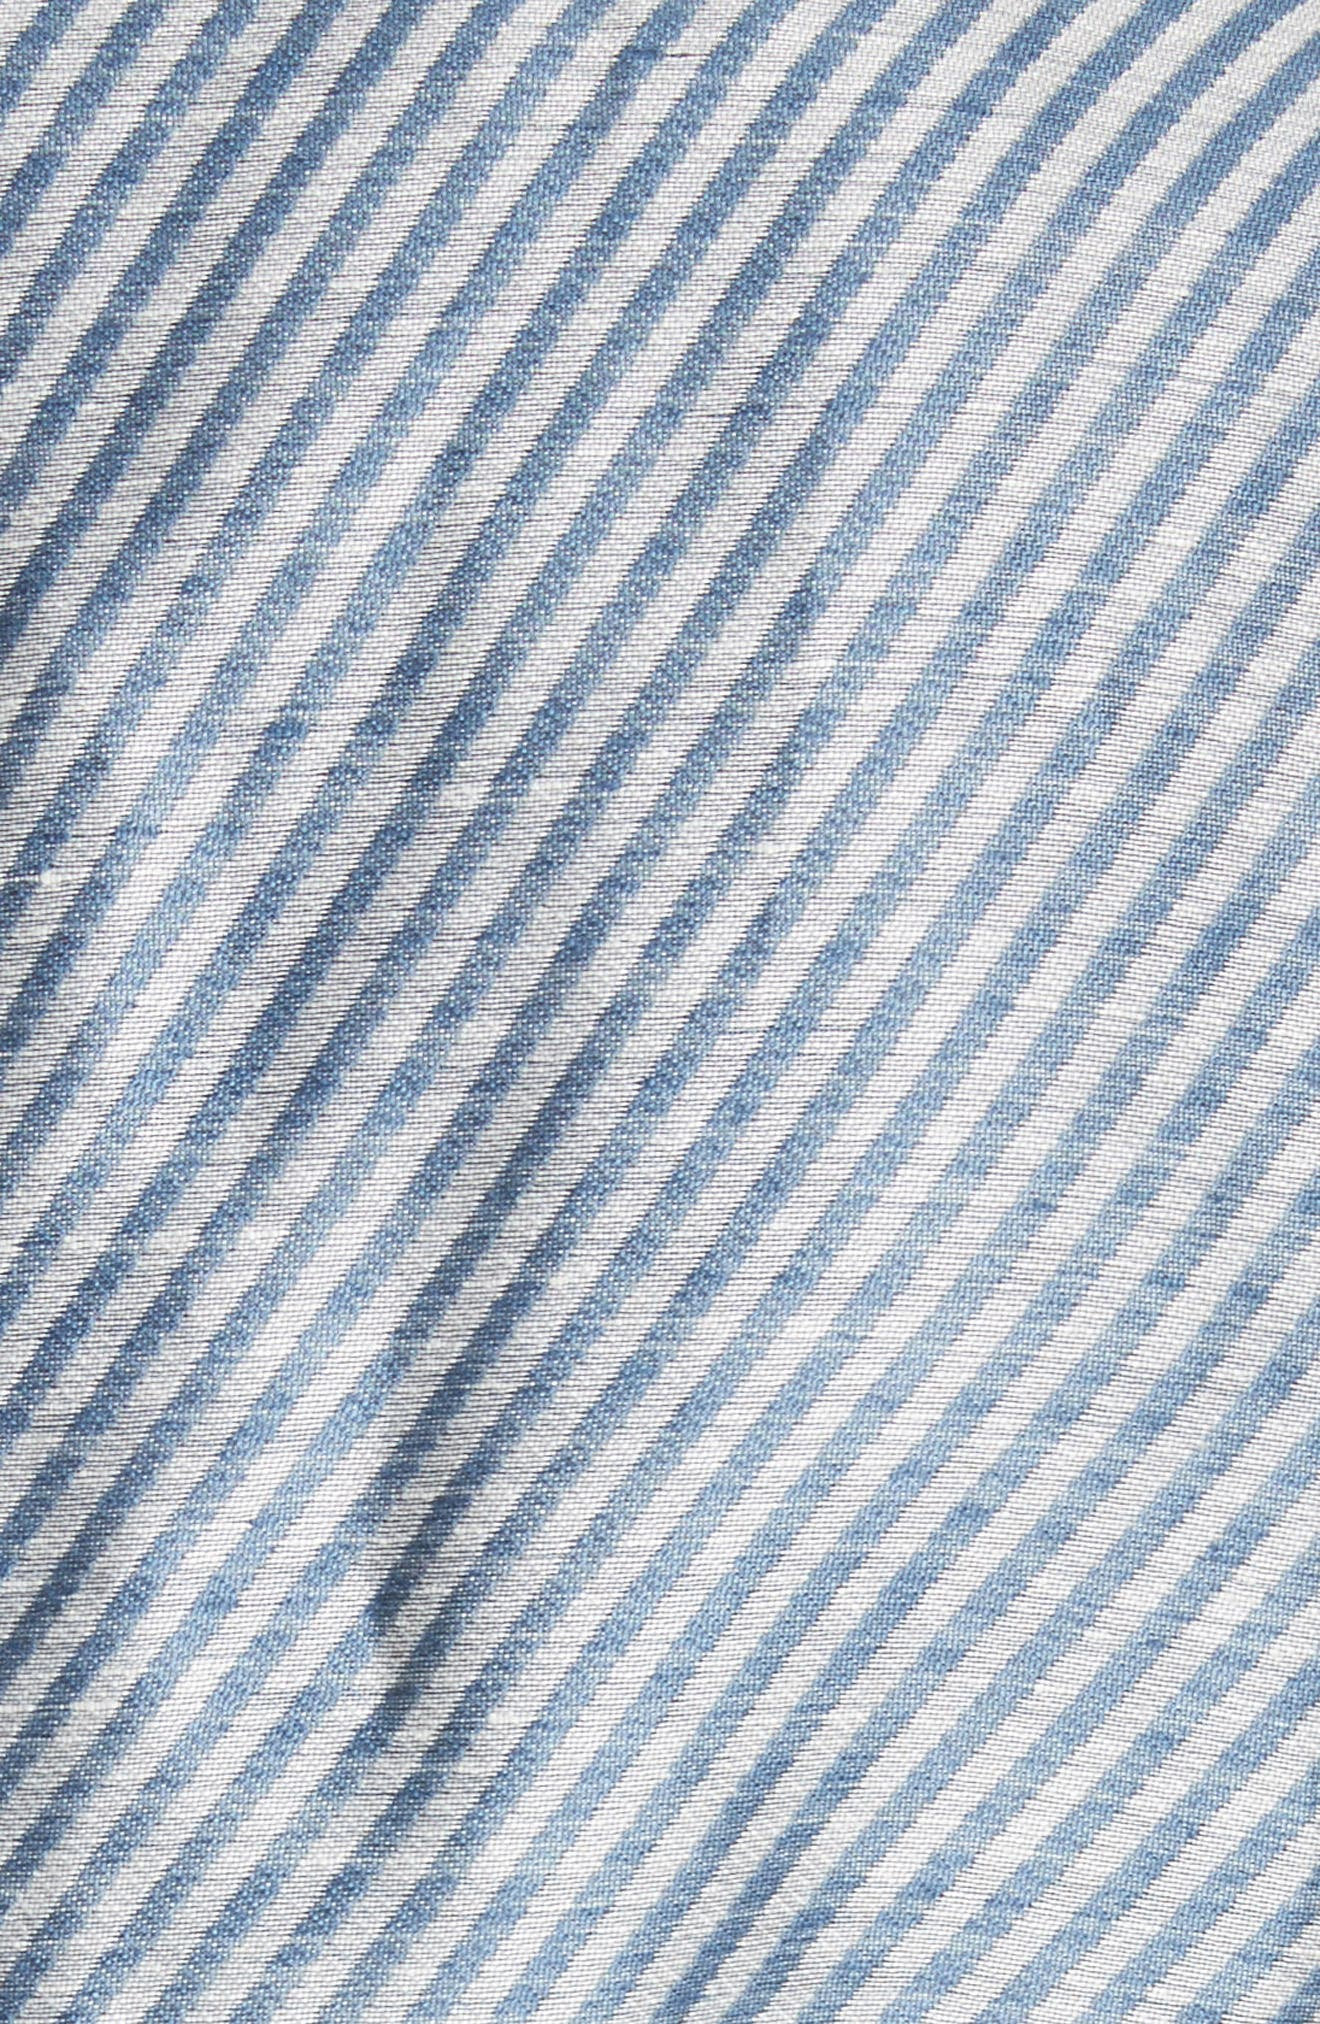 Jojo Sheath Dress,                             Alternate thumbnail 5, color,                             Glaze Blue Multi